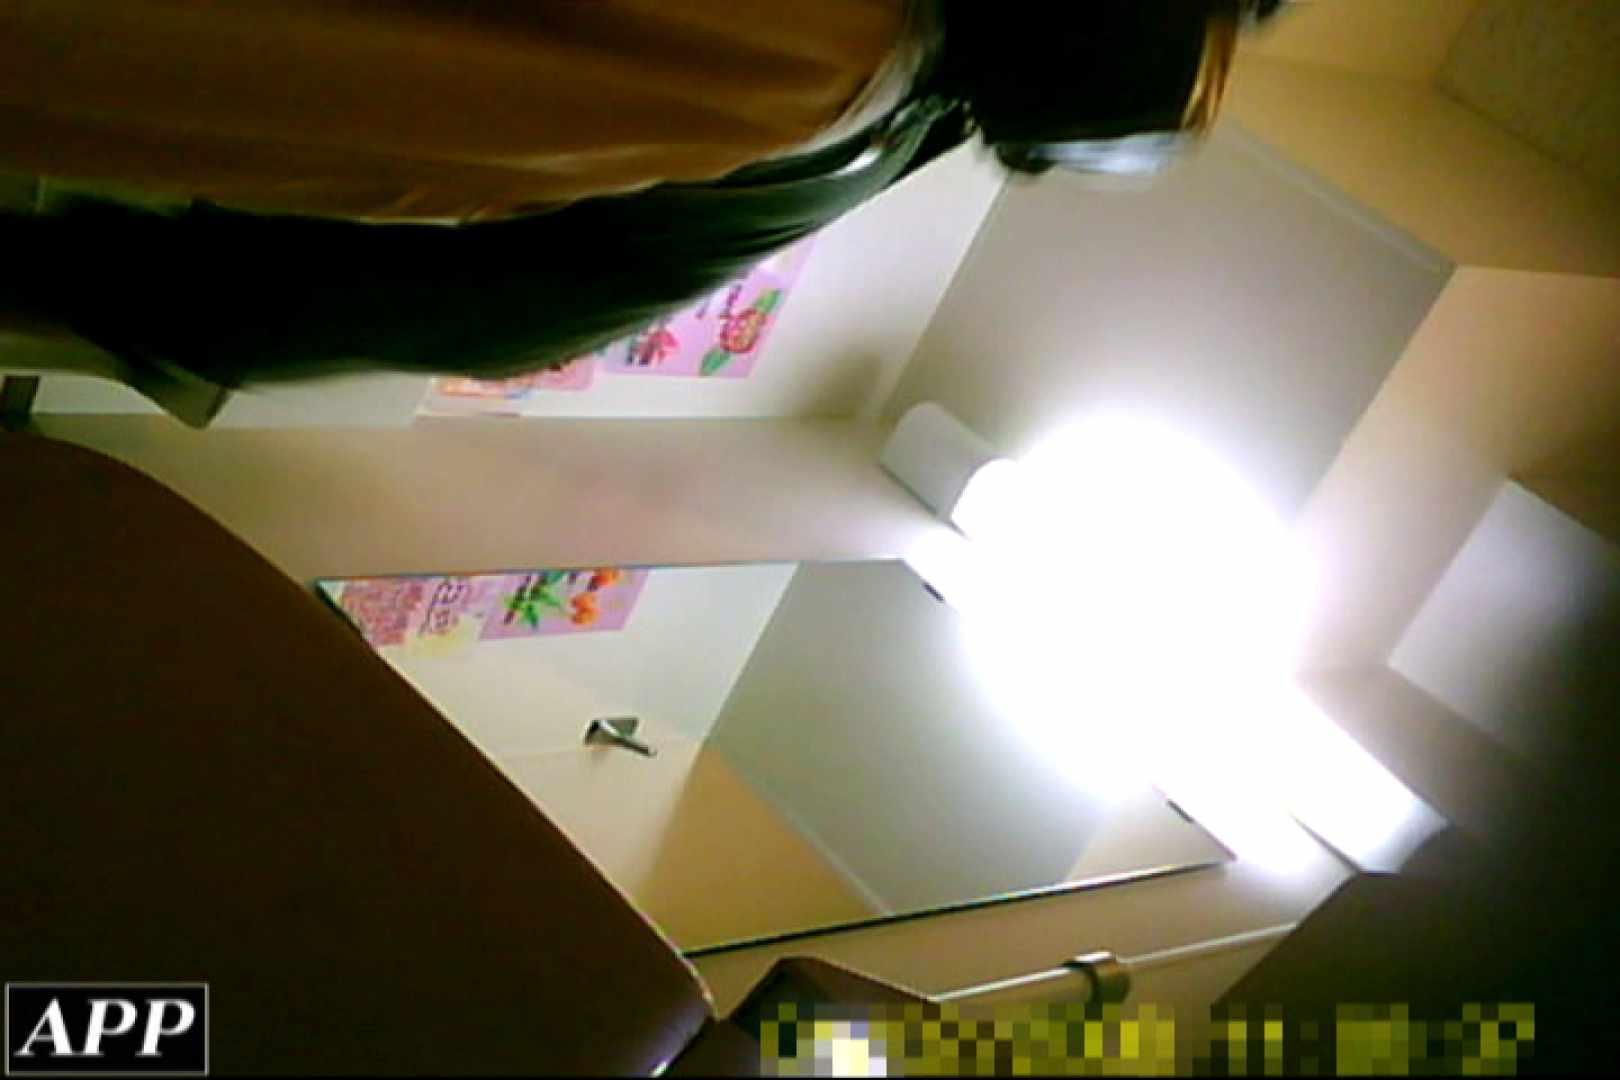 3視点洗面所 vol.118 肛門大好き 盗み撮り動画キャプチャ 104連発 83